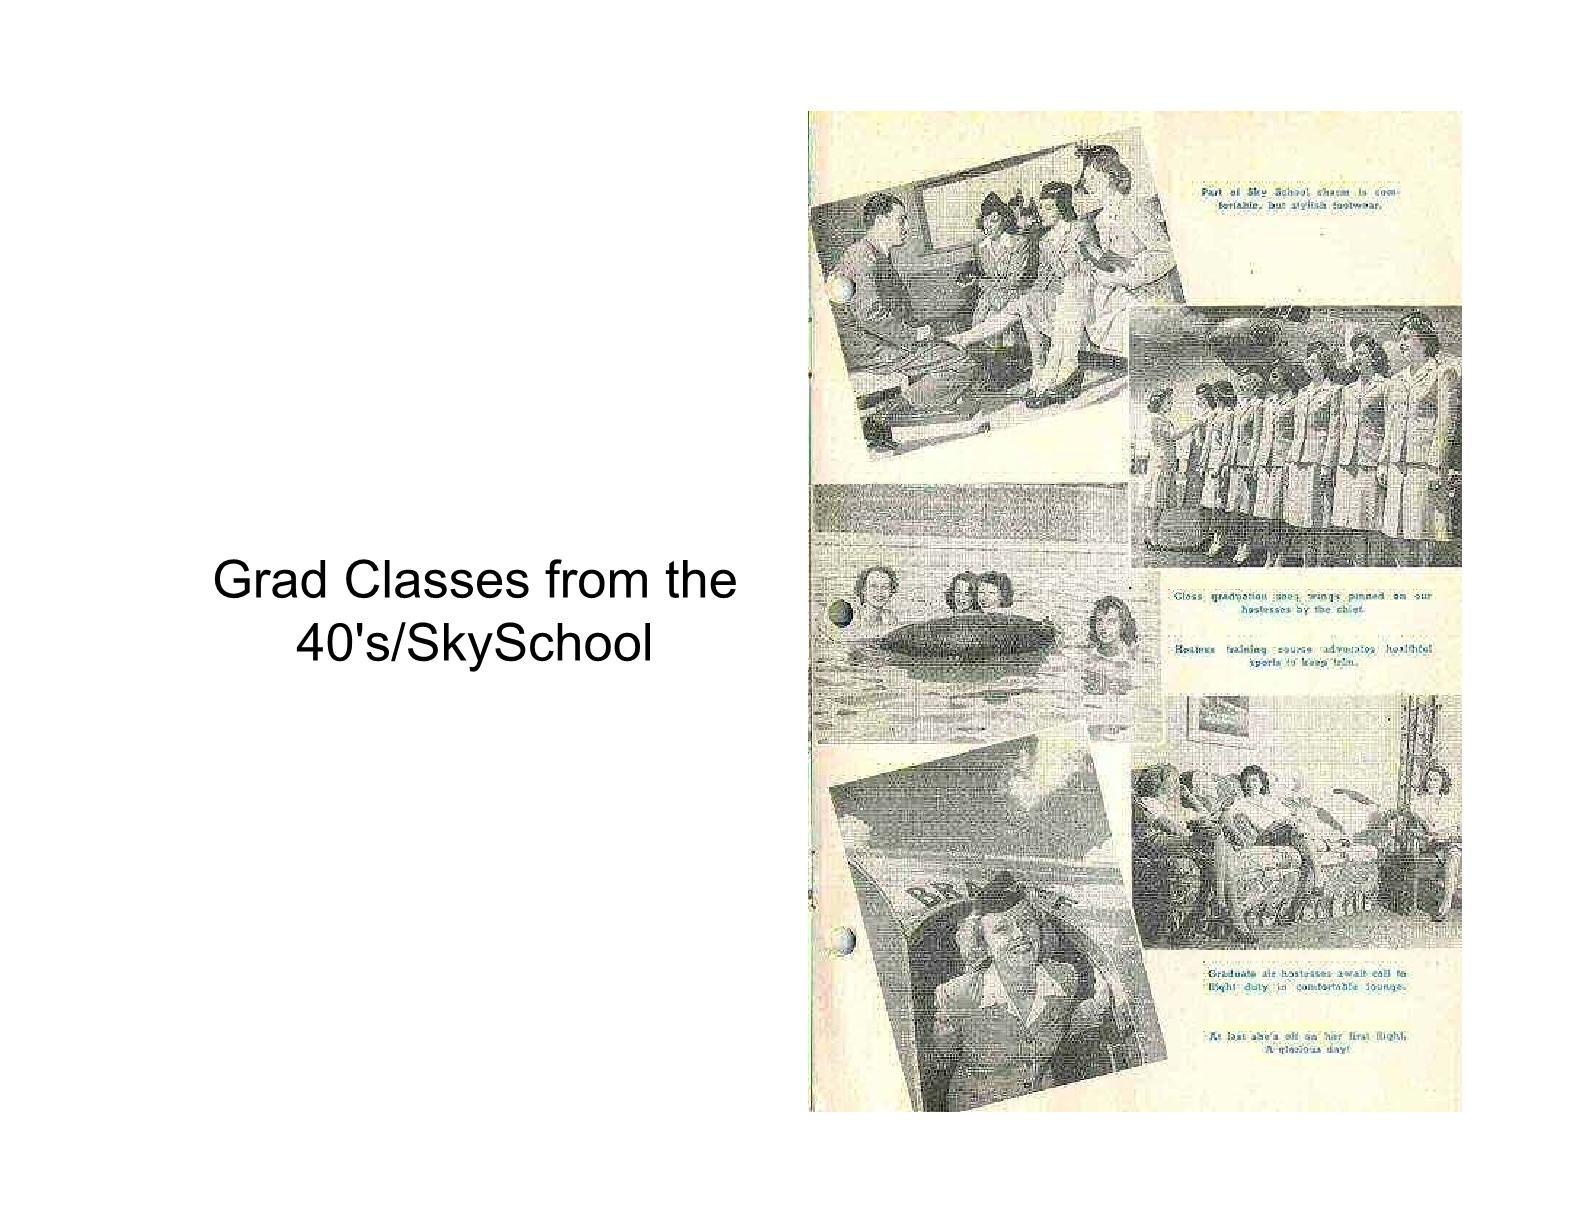 1930 - 1940s classes